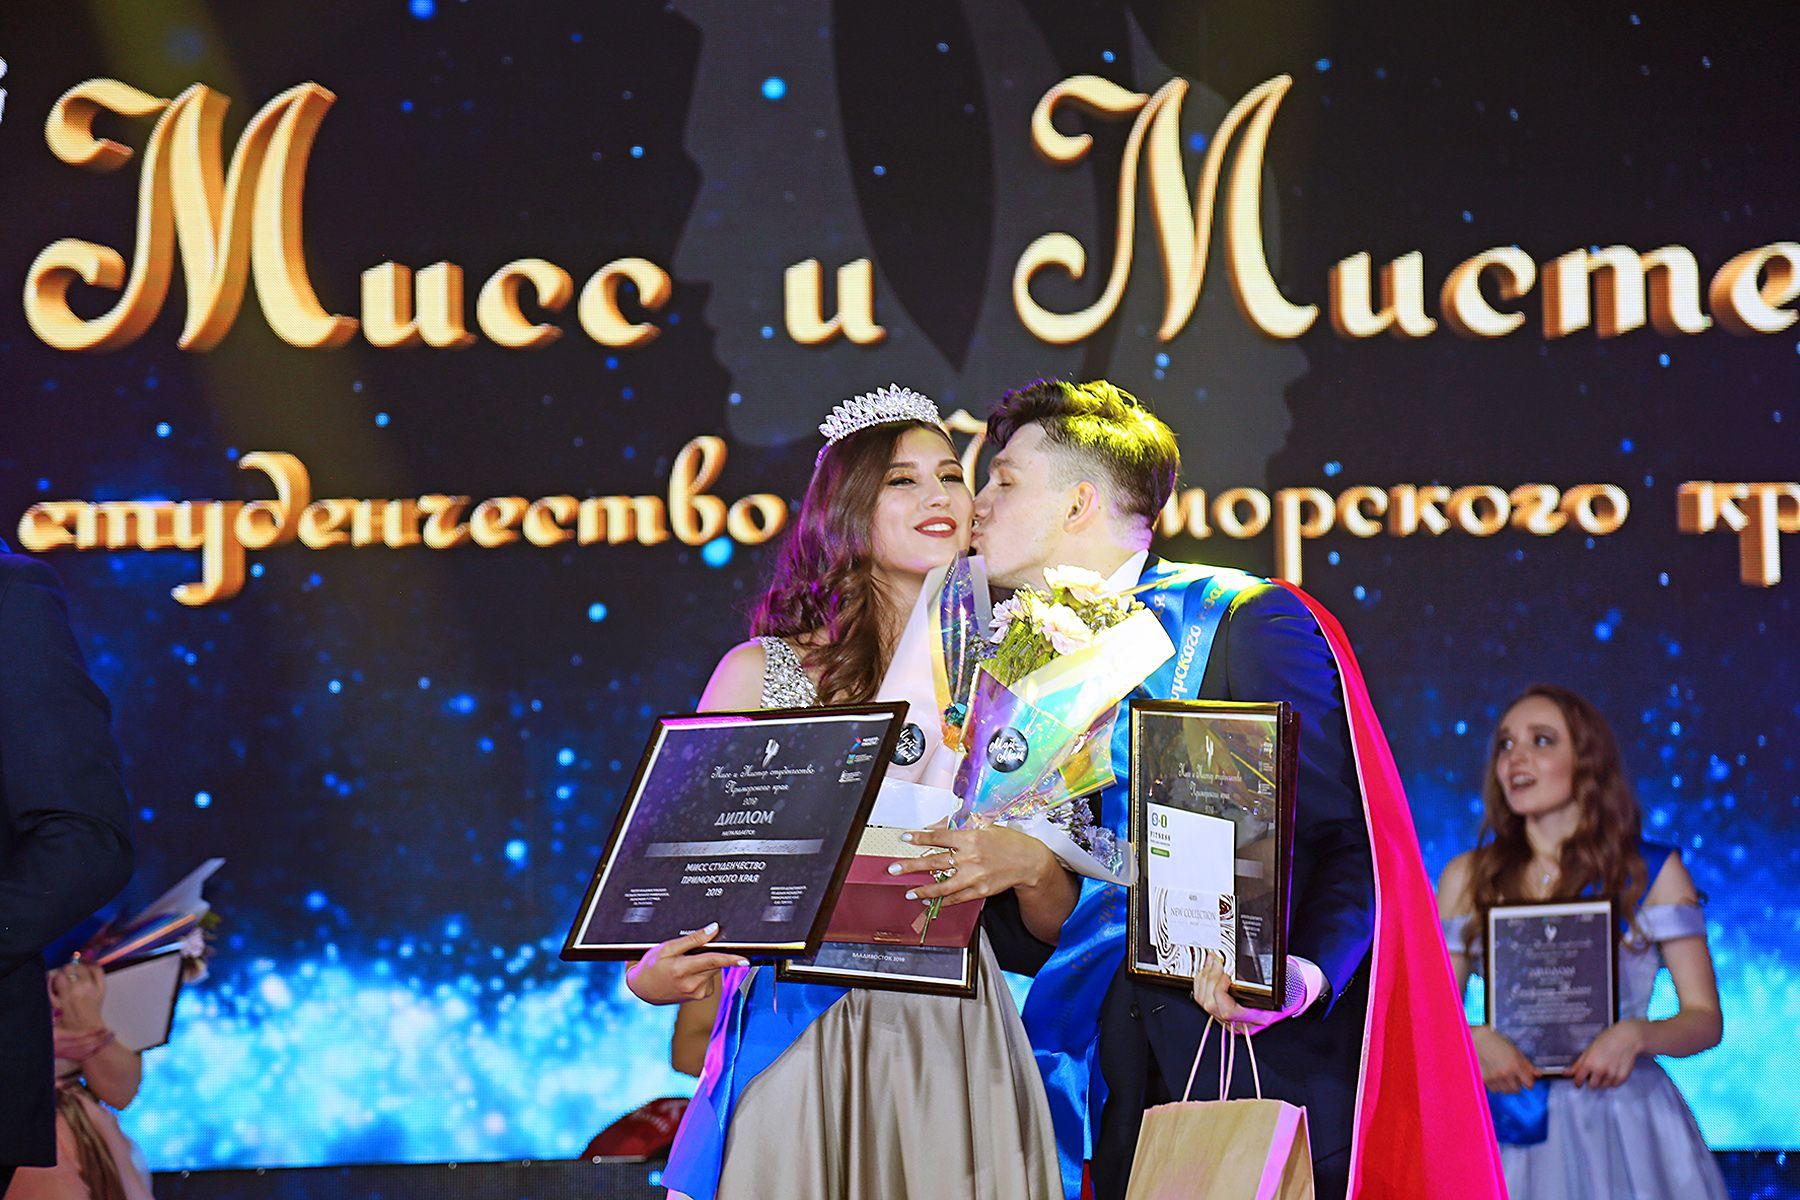 «Мистером студенчество Приморского края 2019» стал «Мистер ВГУЭС 2019» Алексей Шумков